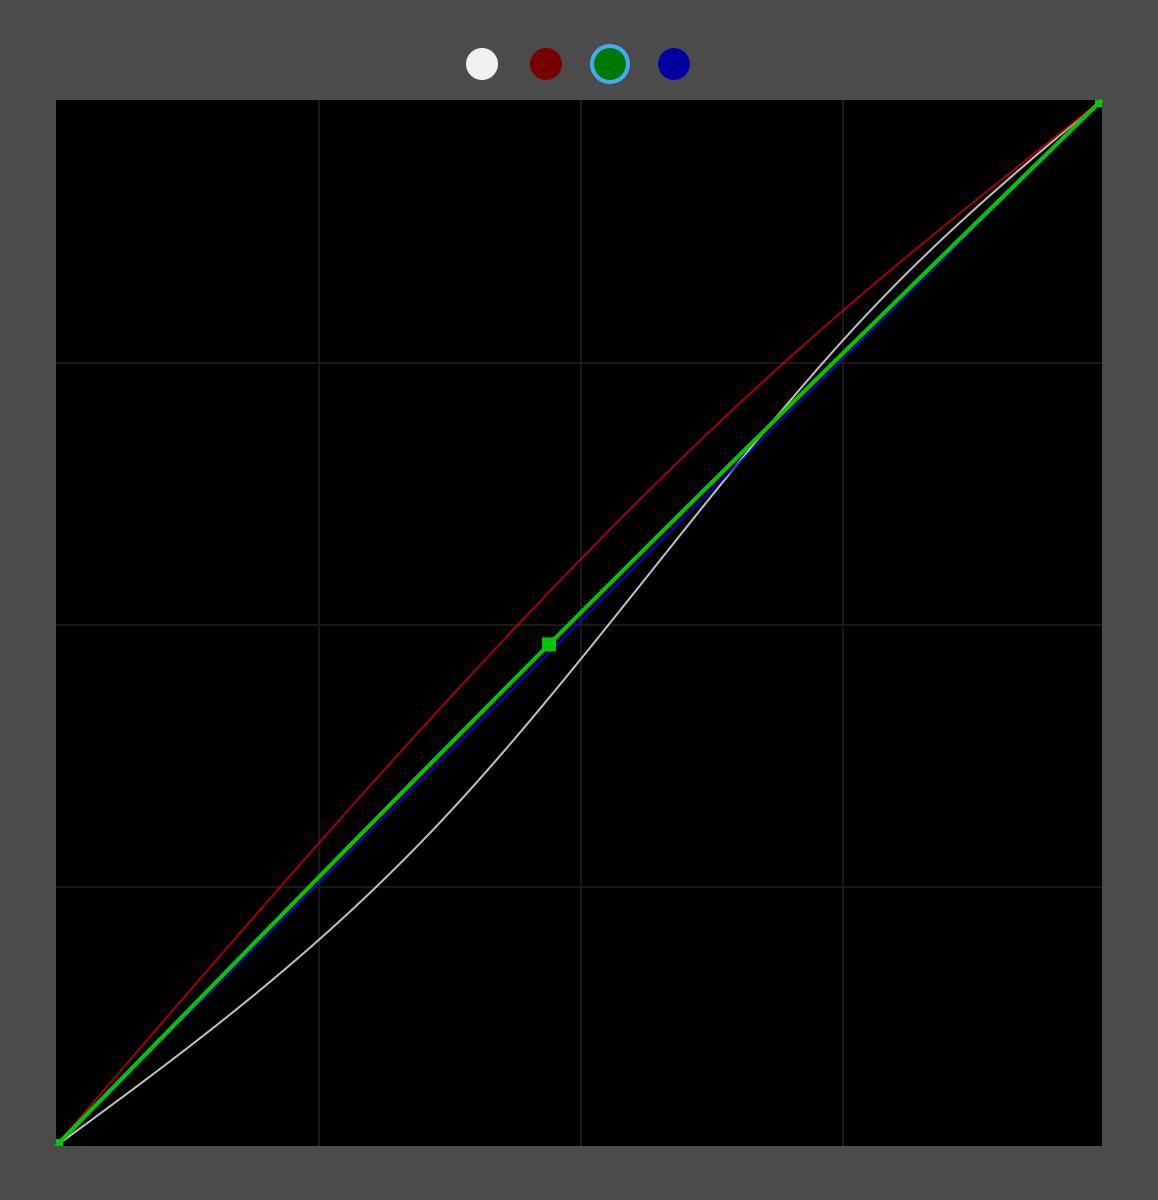 Руководство для начинающих по кривым цветовой коррекции